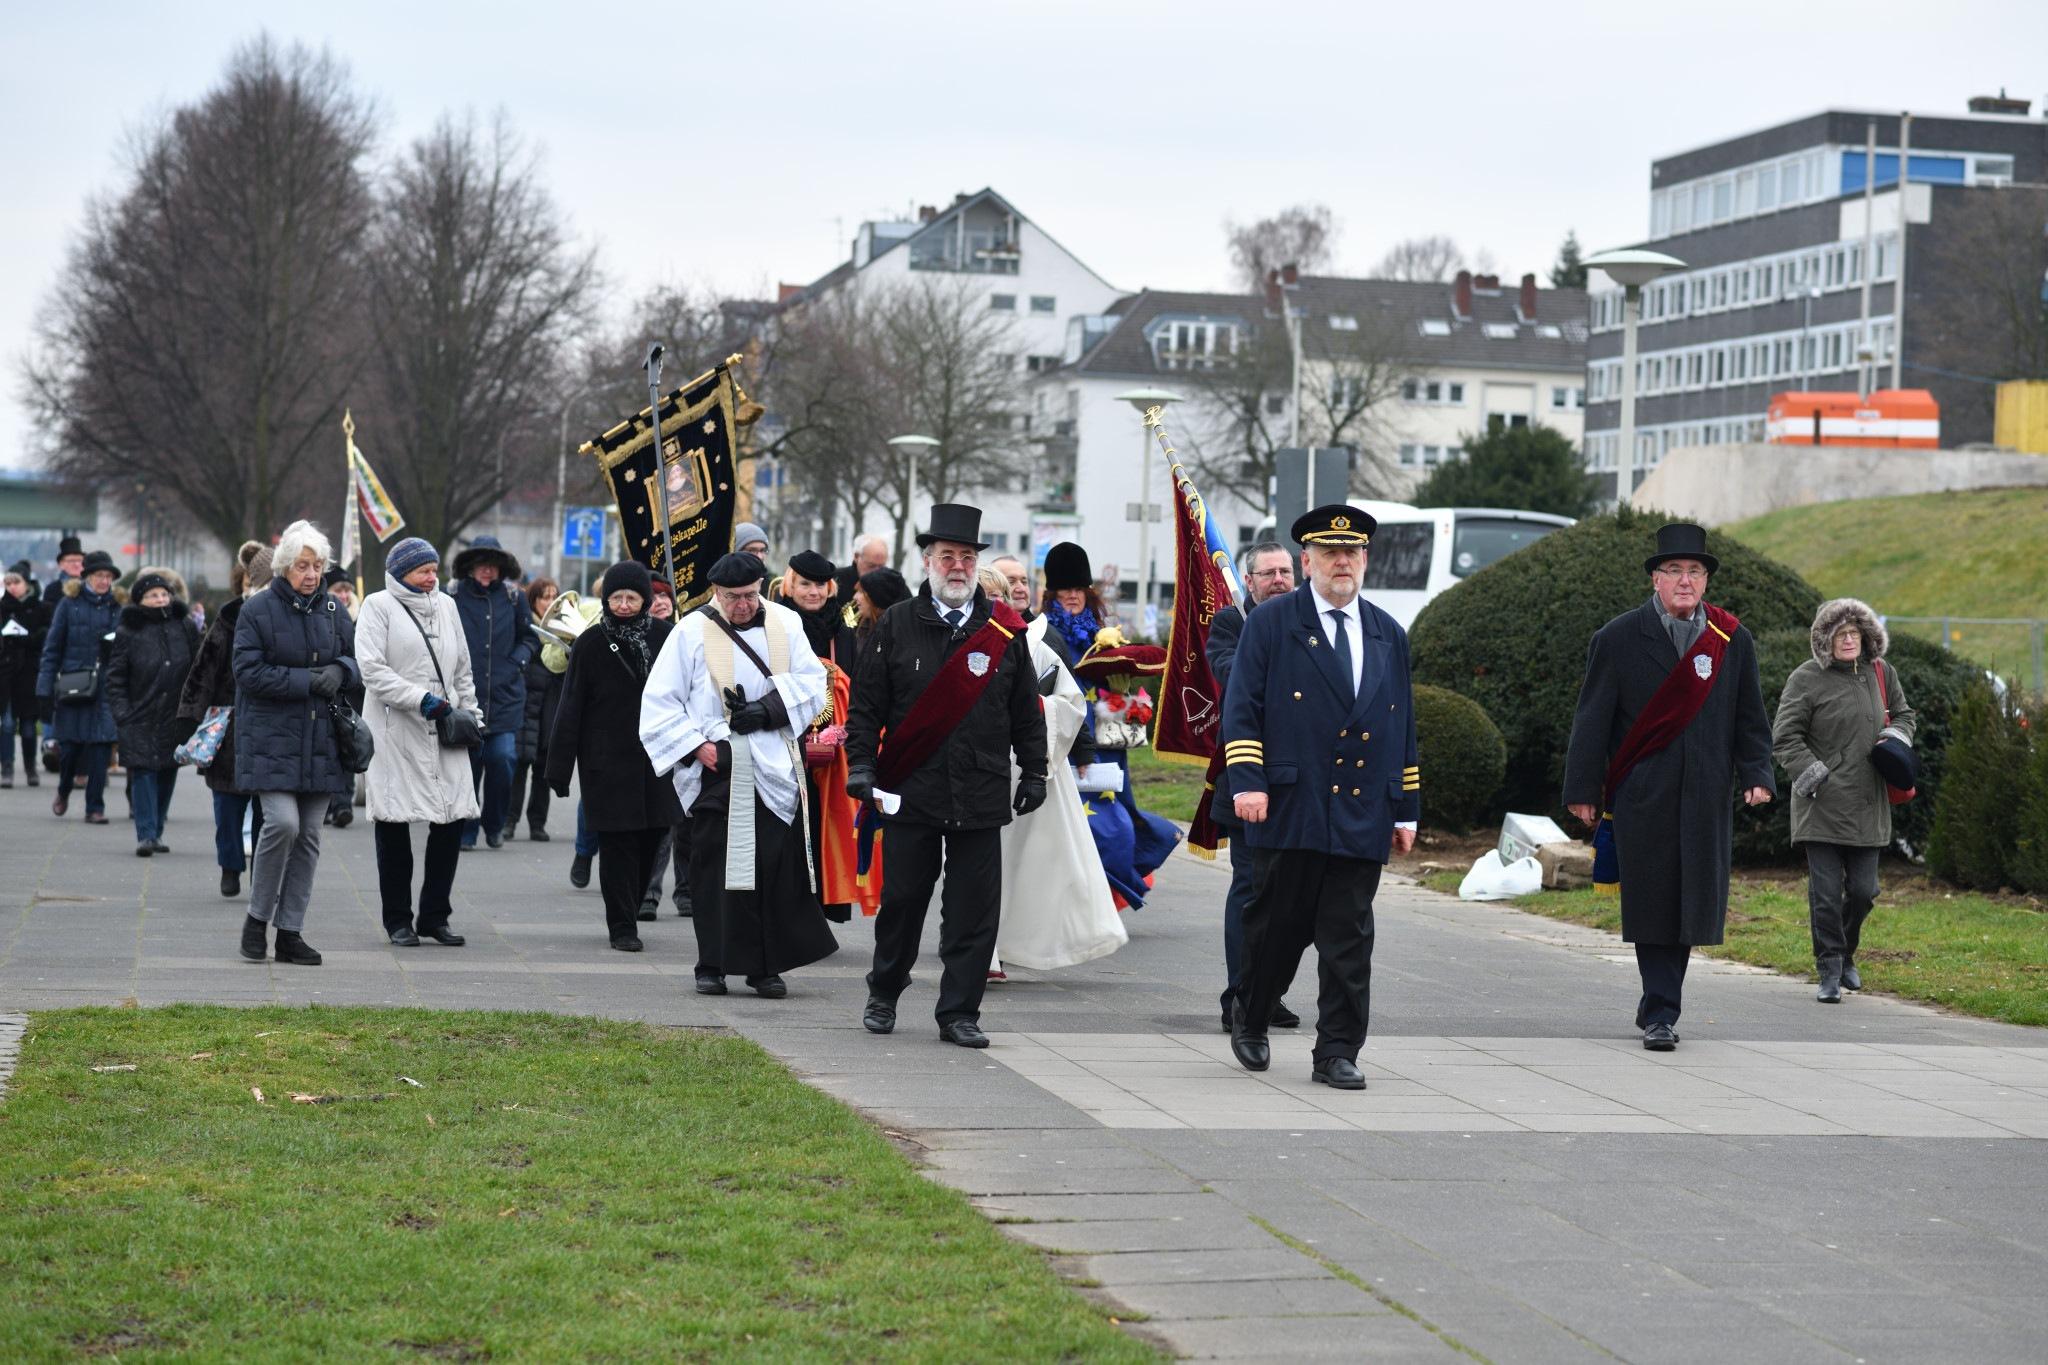 procession three by Frank Fremerey